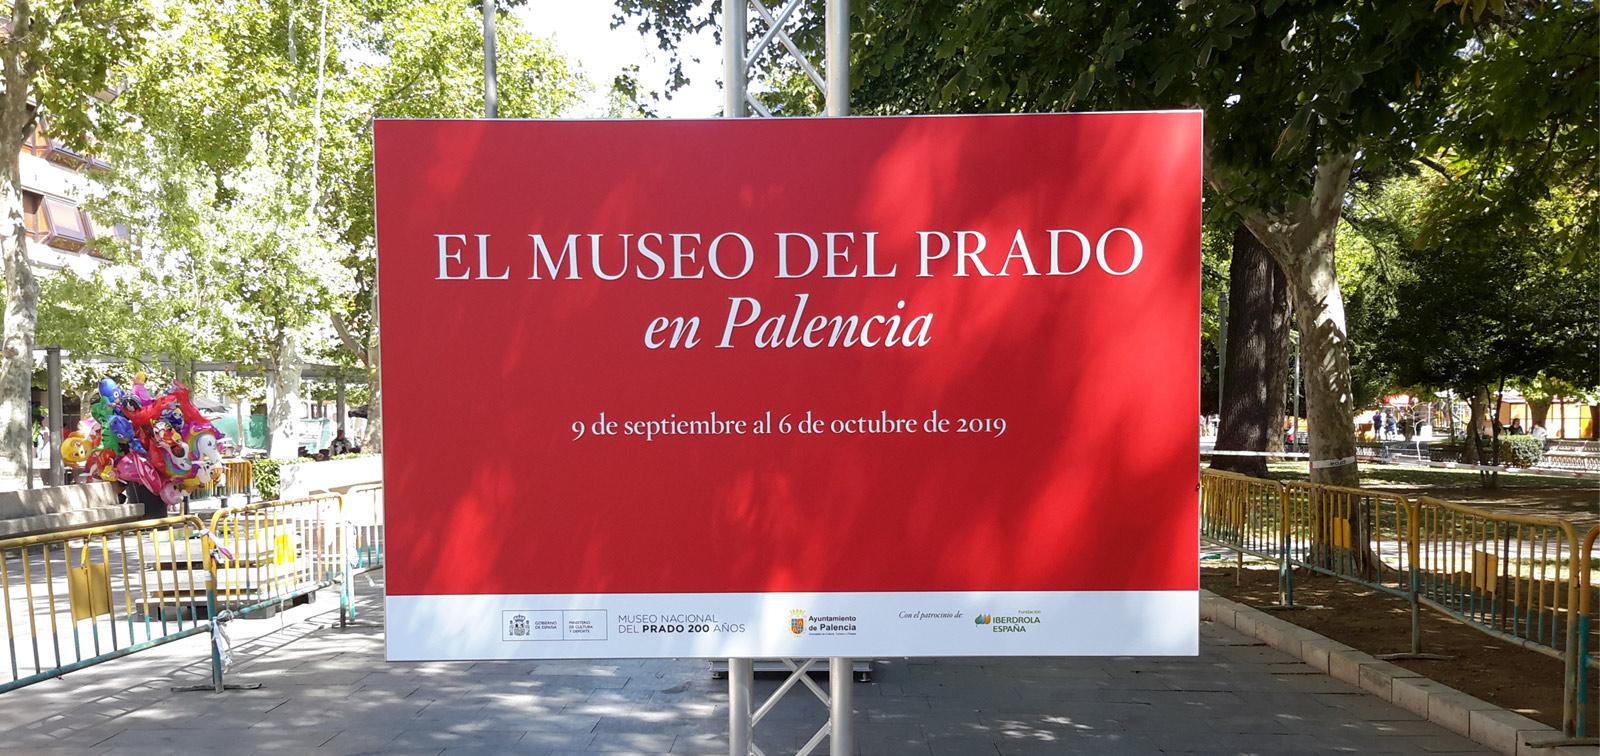 Didactic Exhibition: The Prado in Santa Fe